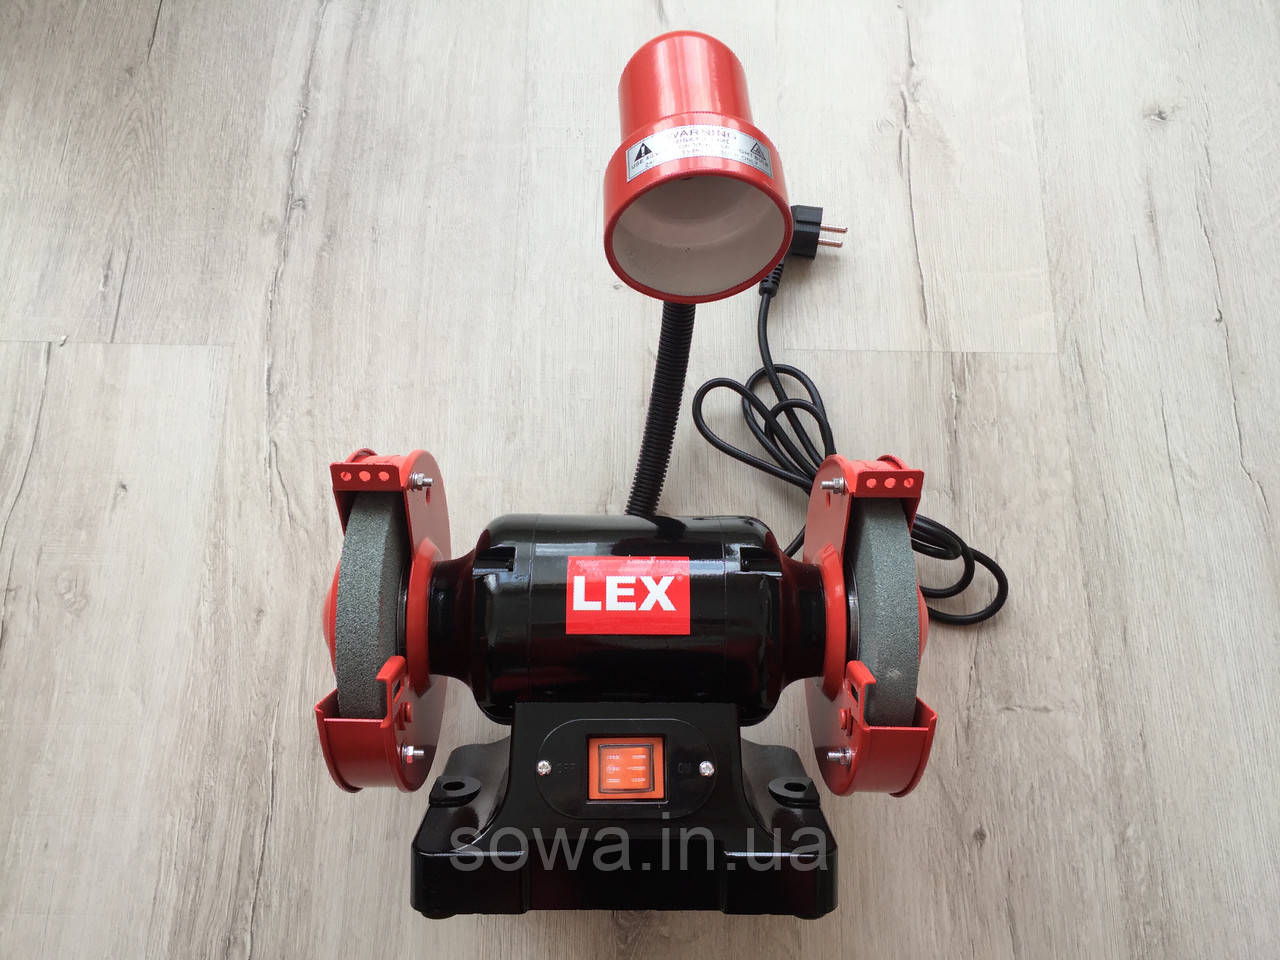 Точильный станок Lex LXBG14 | с подсветкой | 150мм, 1400Вт - фото 3